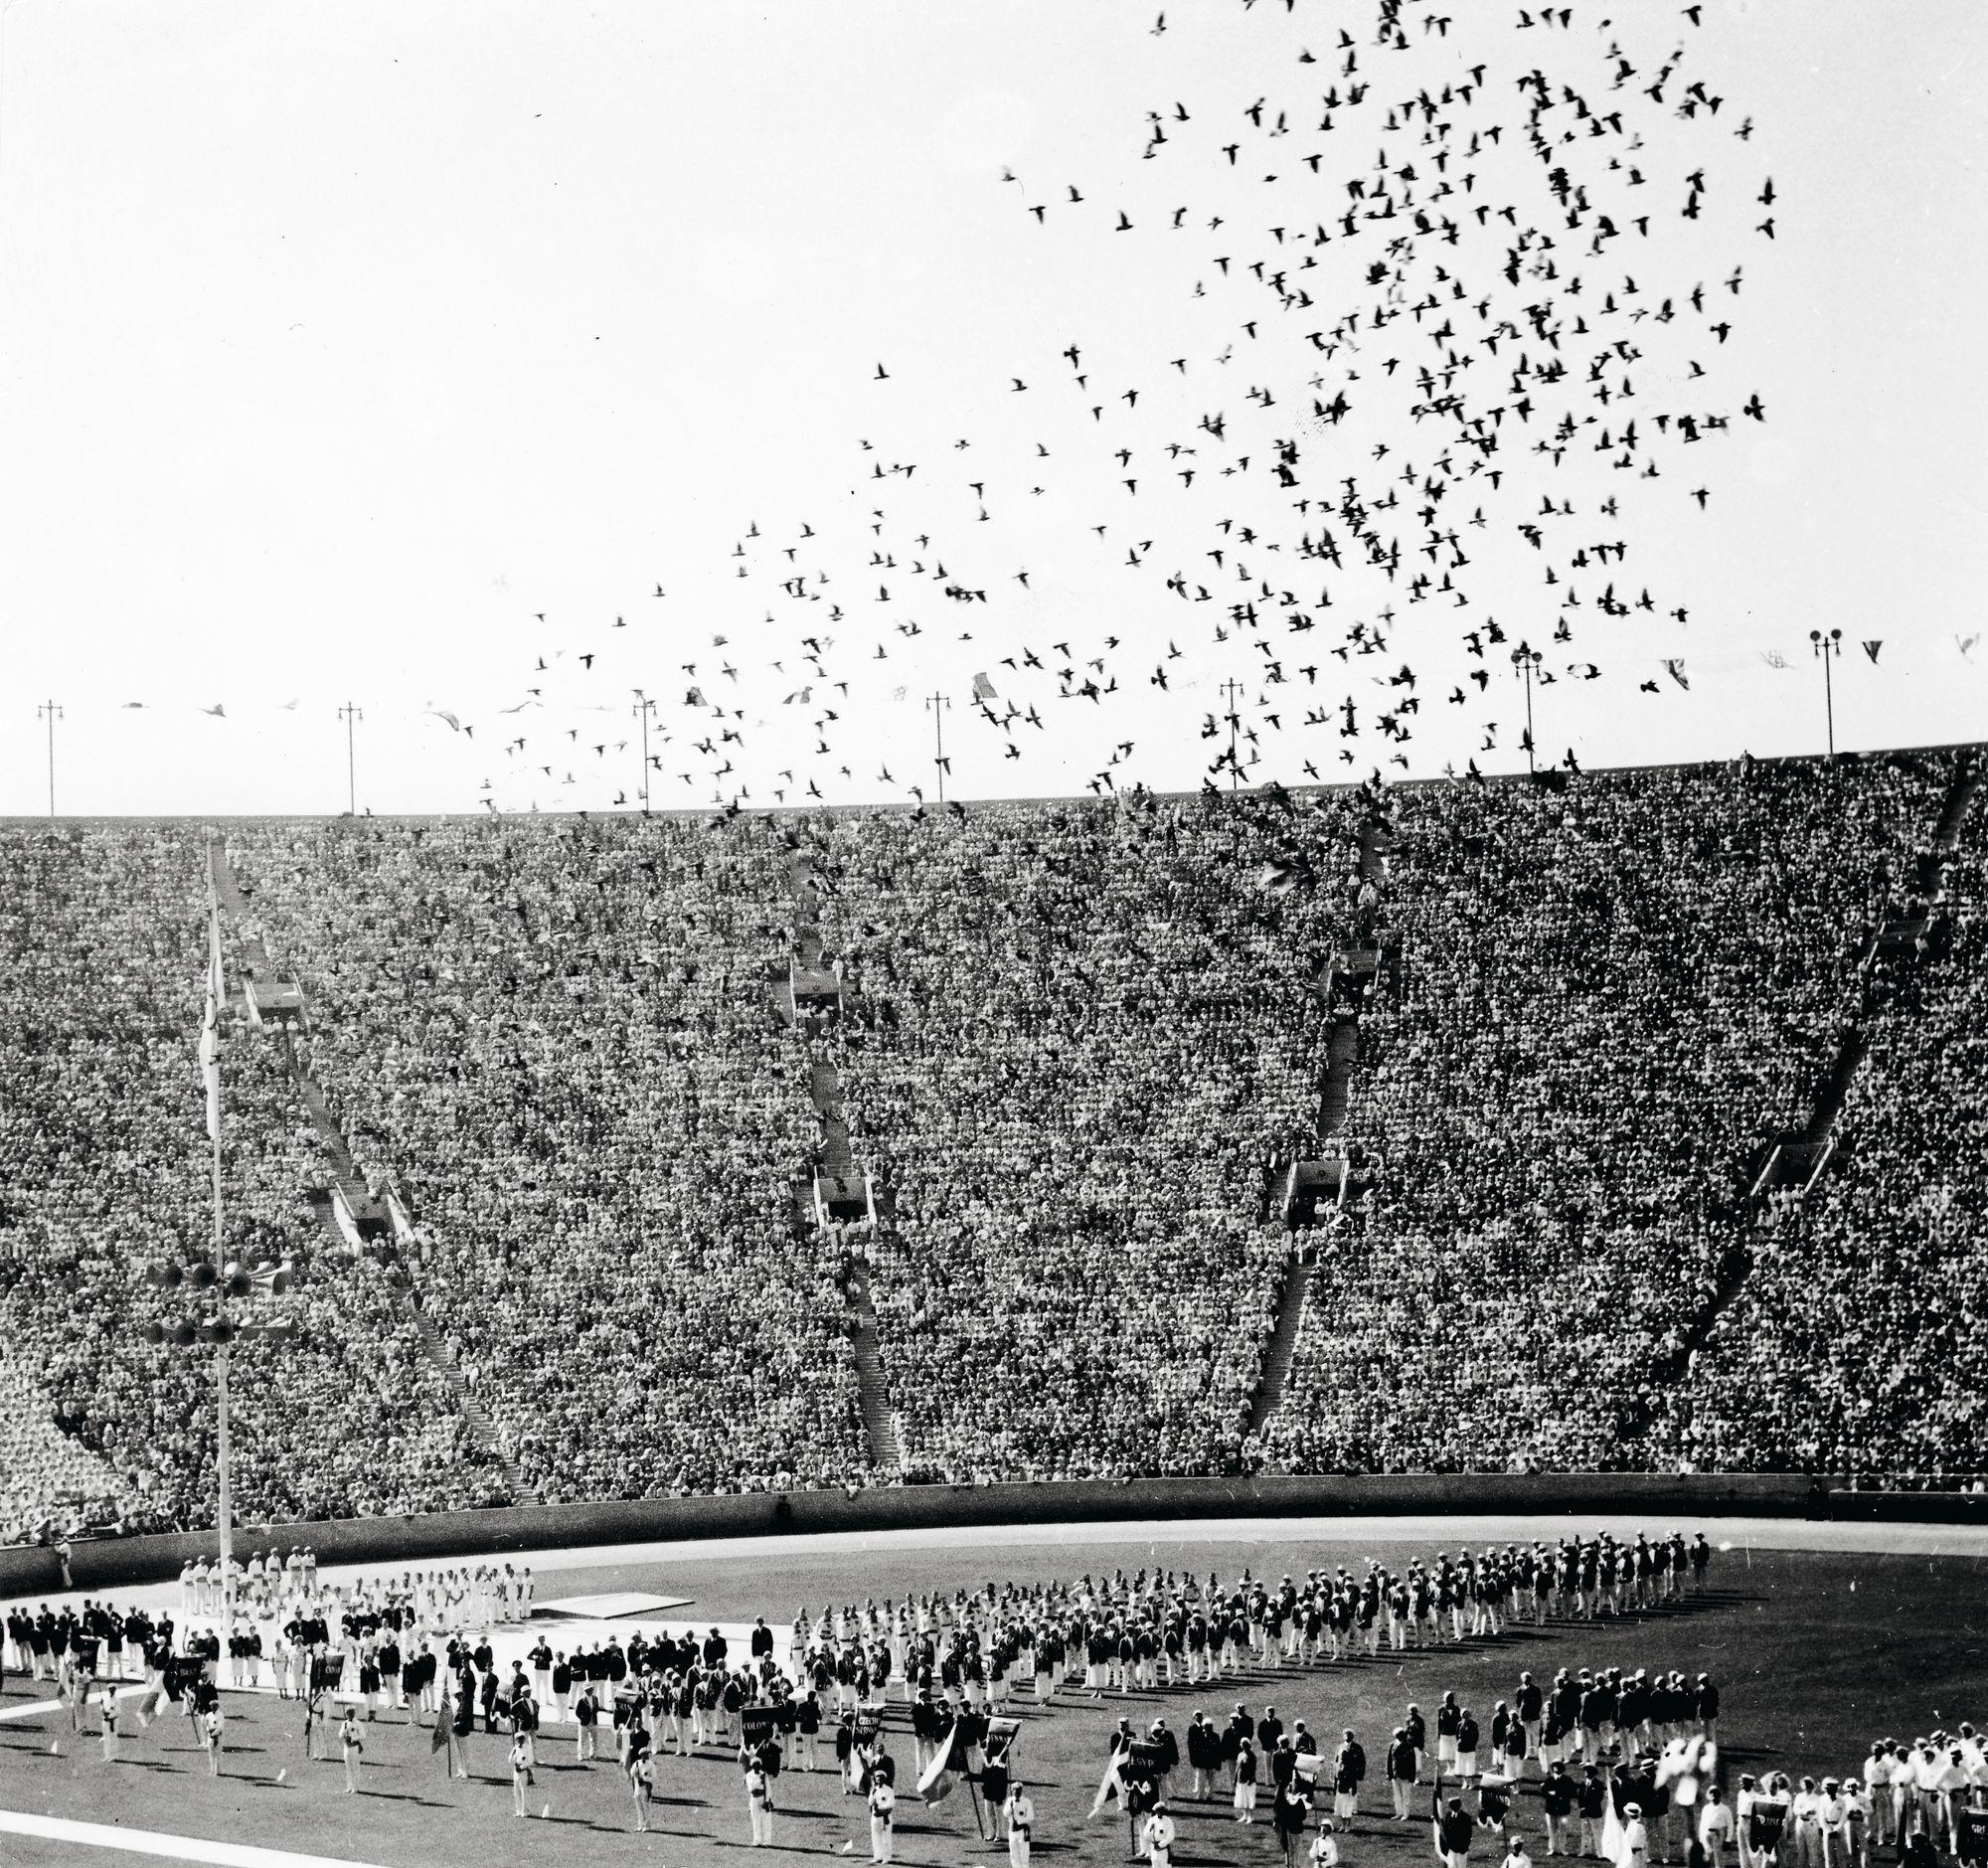 Kyyhkysparvi päästettiin lentoon Los Angelesin olympiakisojen avajaisissa. Rauhaa symboloiva ele toteutettiin ensi kerran Antwerpenin olympialaisissa vuonna 1920. © Suomen Urheilumuseo